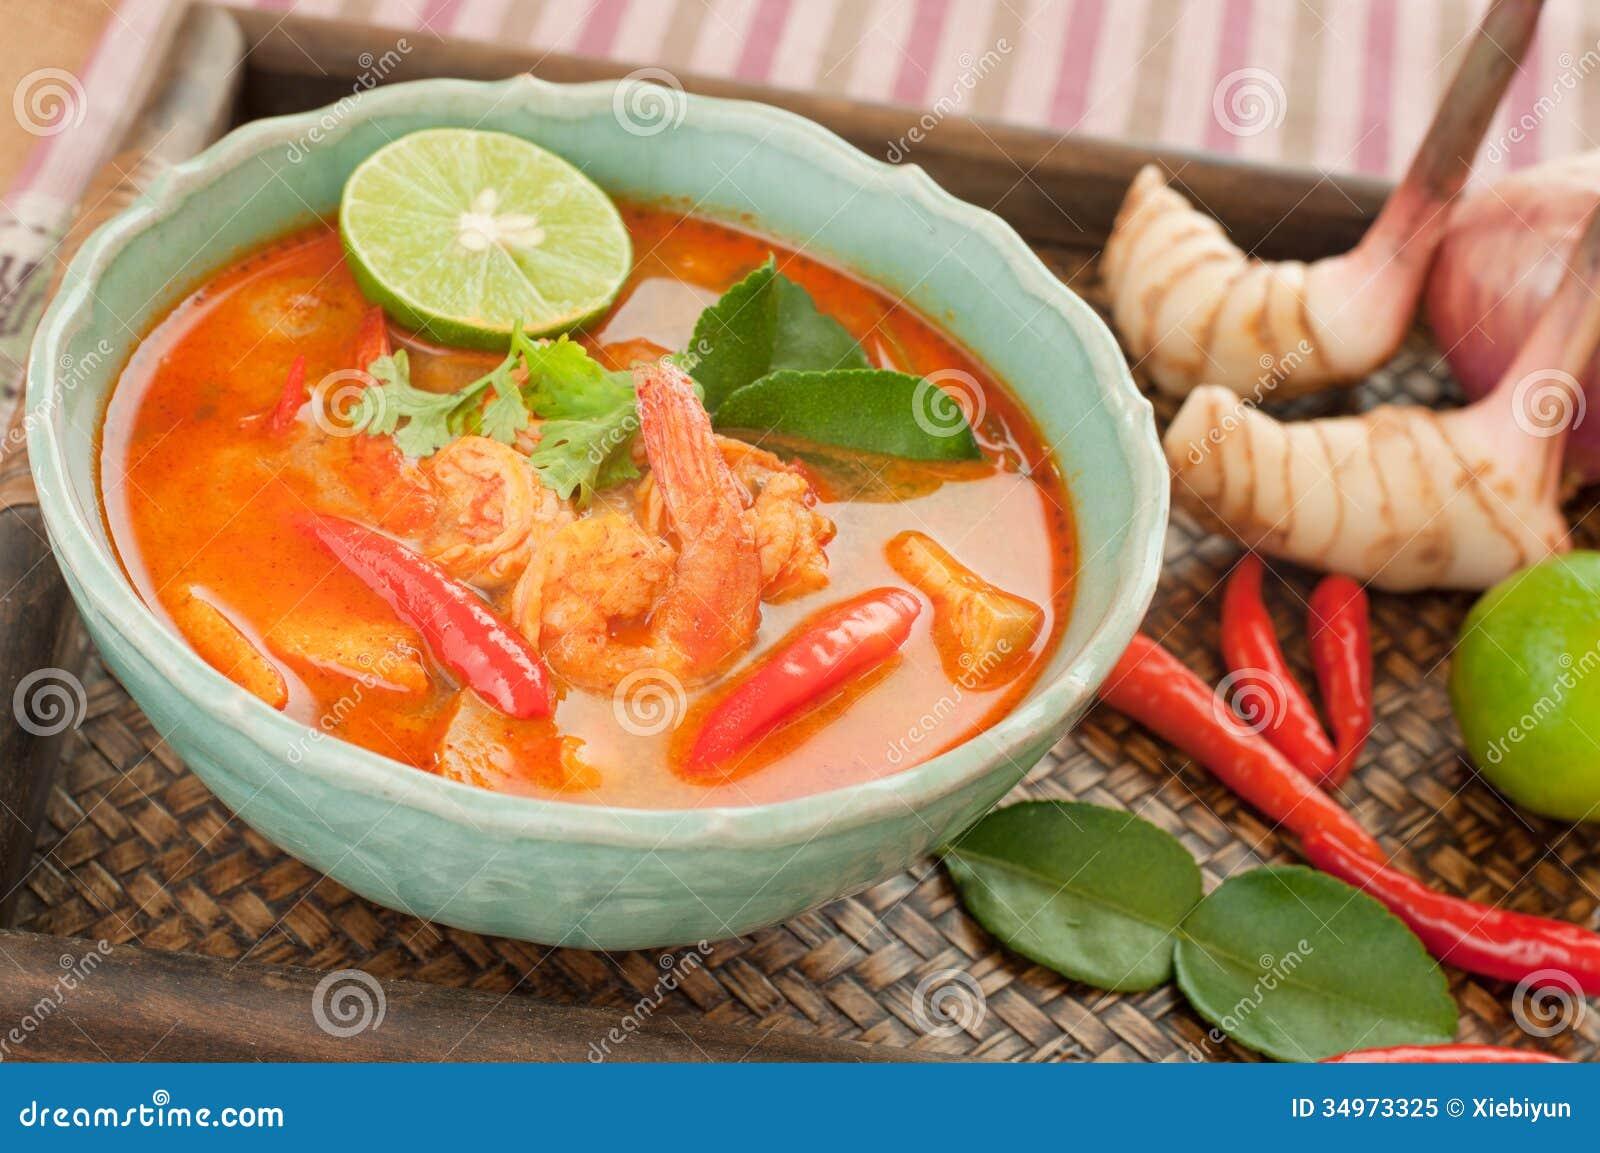 Thai Kitchen Restaurant Nutrition